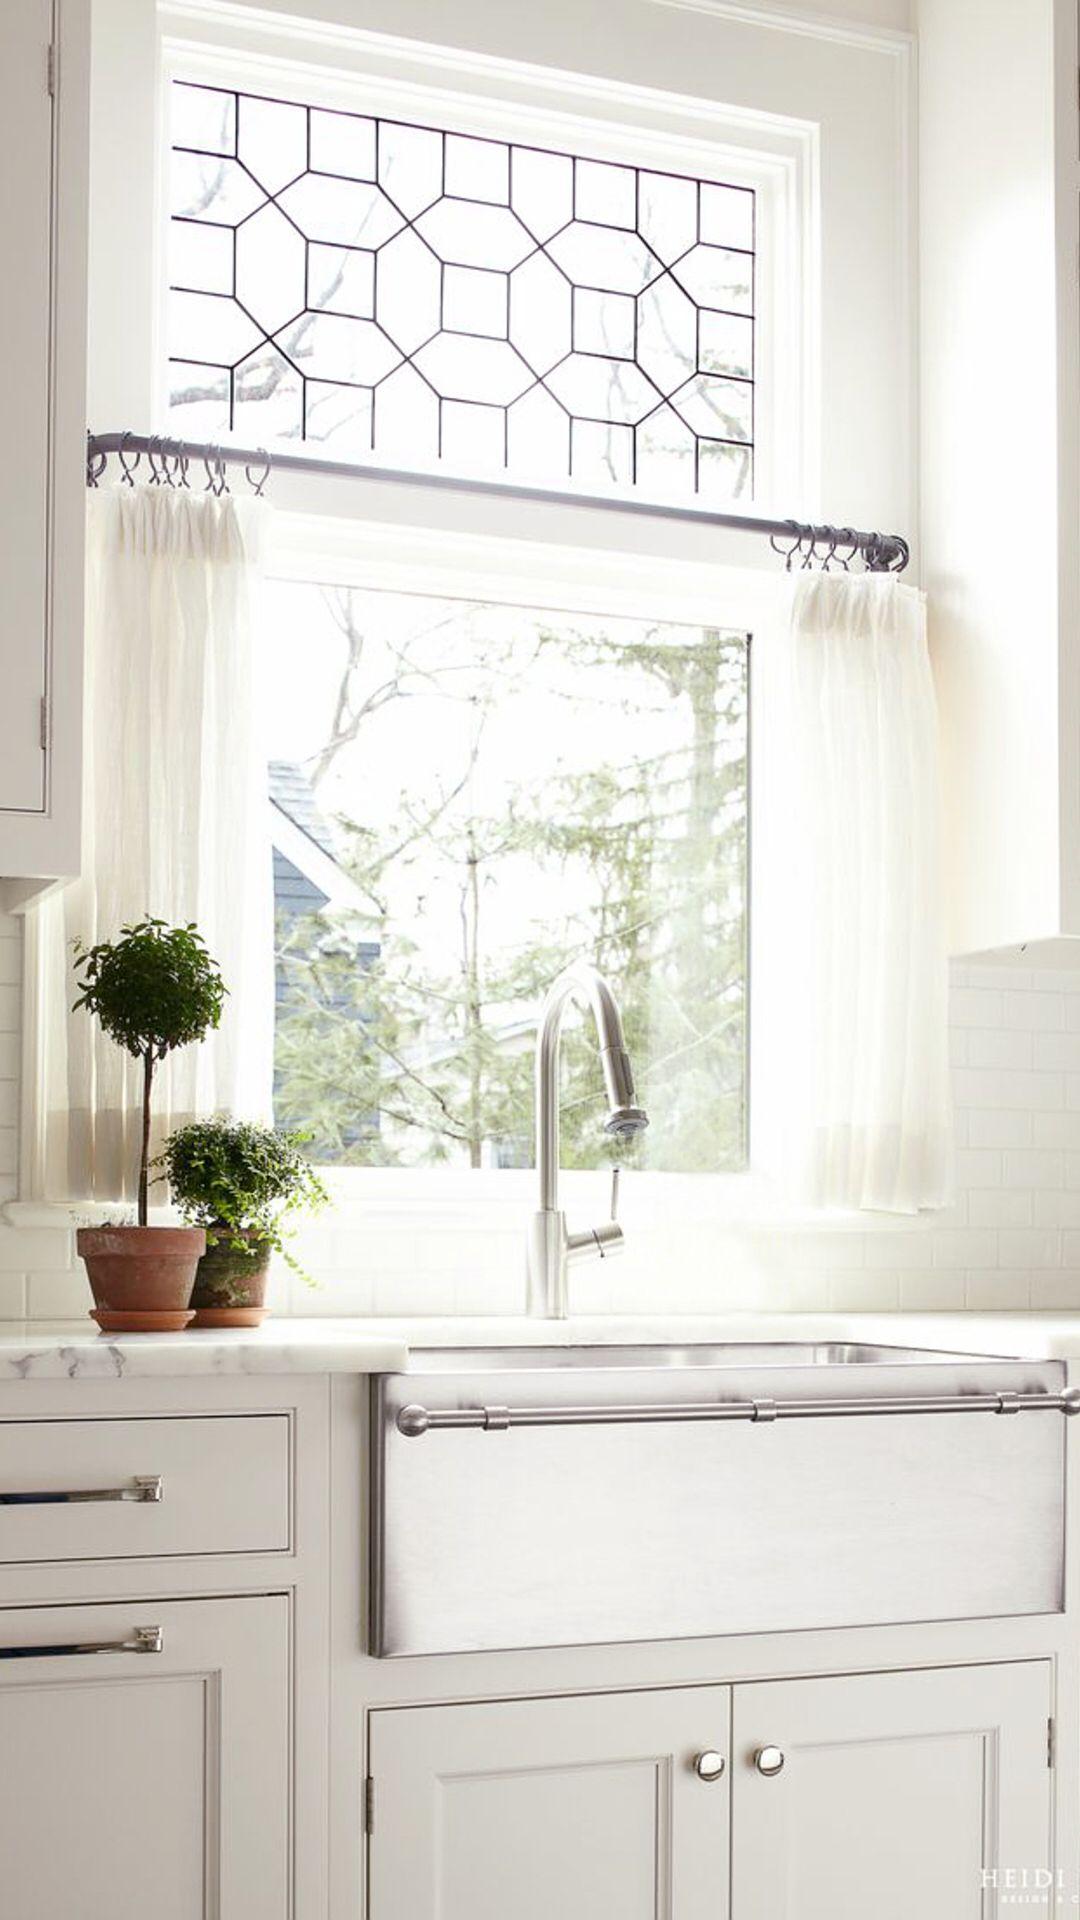 Alyson | by Lux. | Mowotak | Pinterest | Kitchen, Kitchen design and on